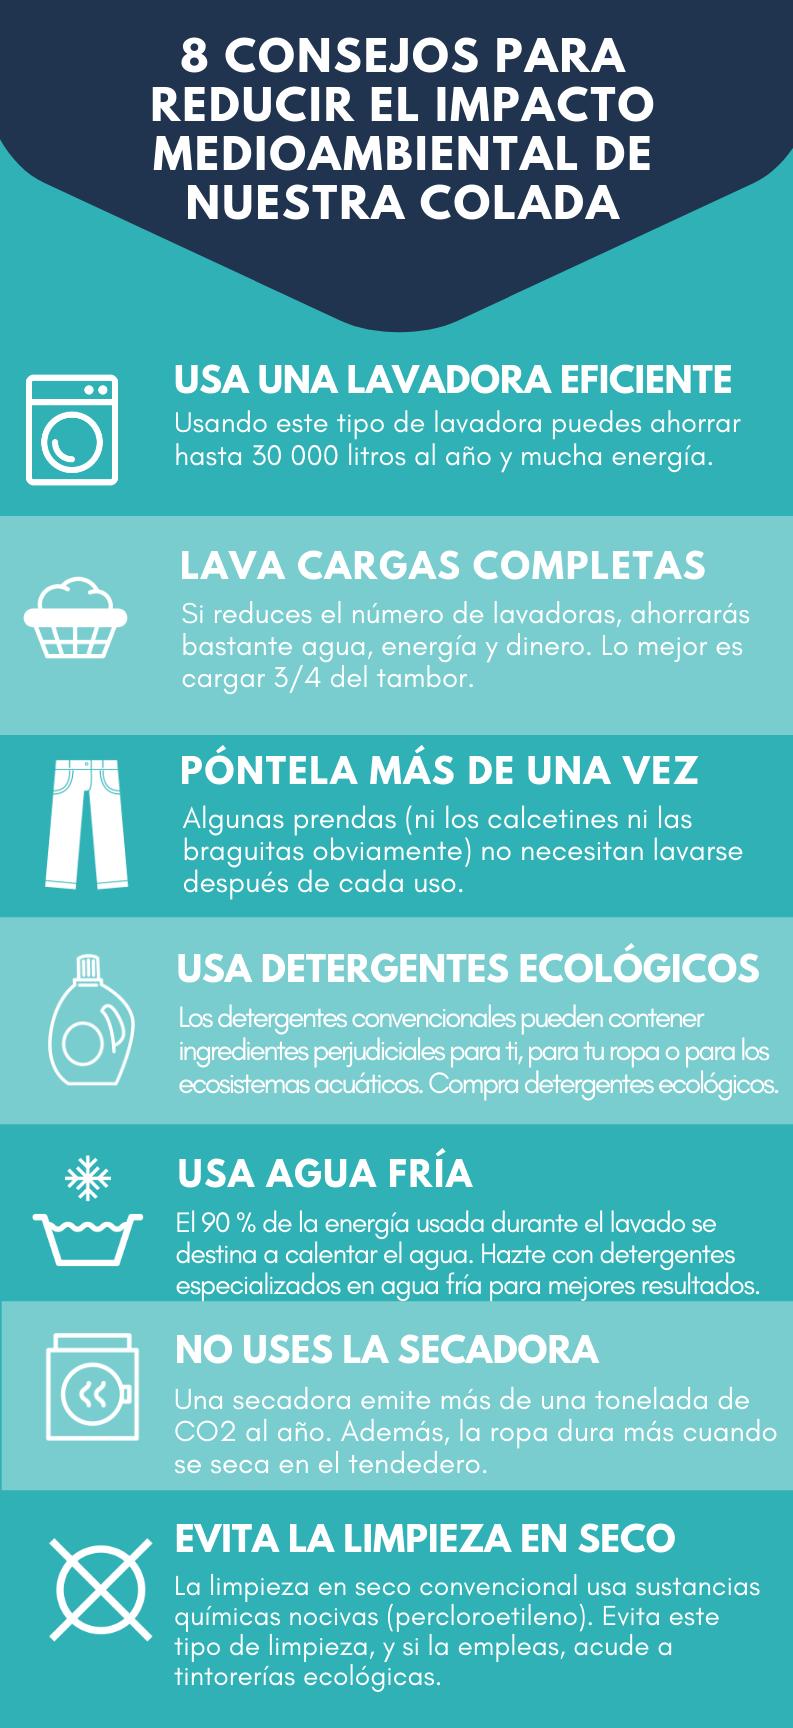 7 CONSEJOS PARA REDUCIR EL IMPACTO MEDIOAMBIENTAL DE NUESTRA COLADA.png